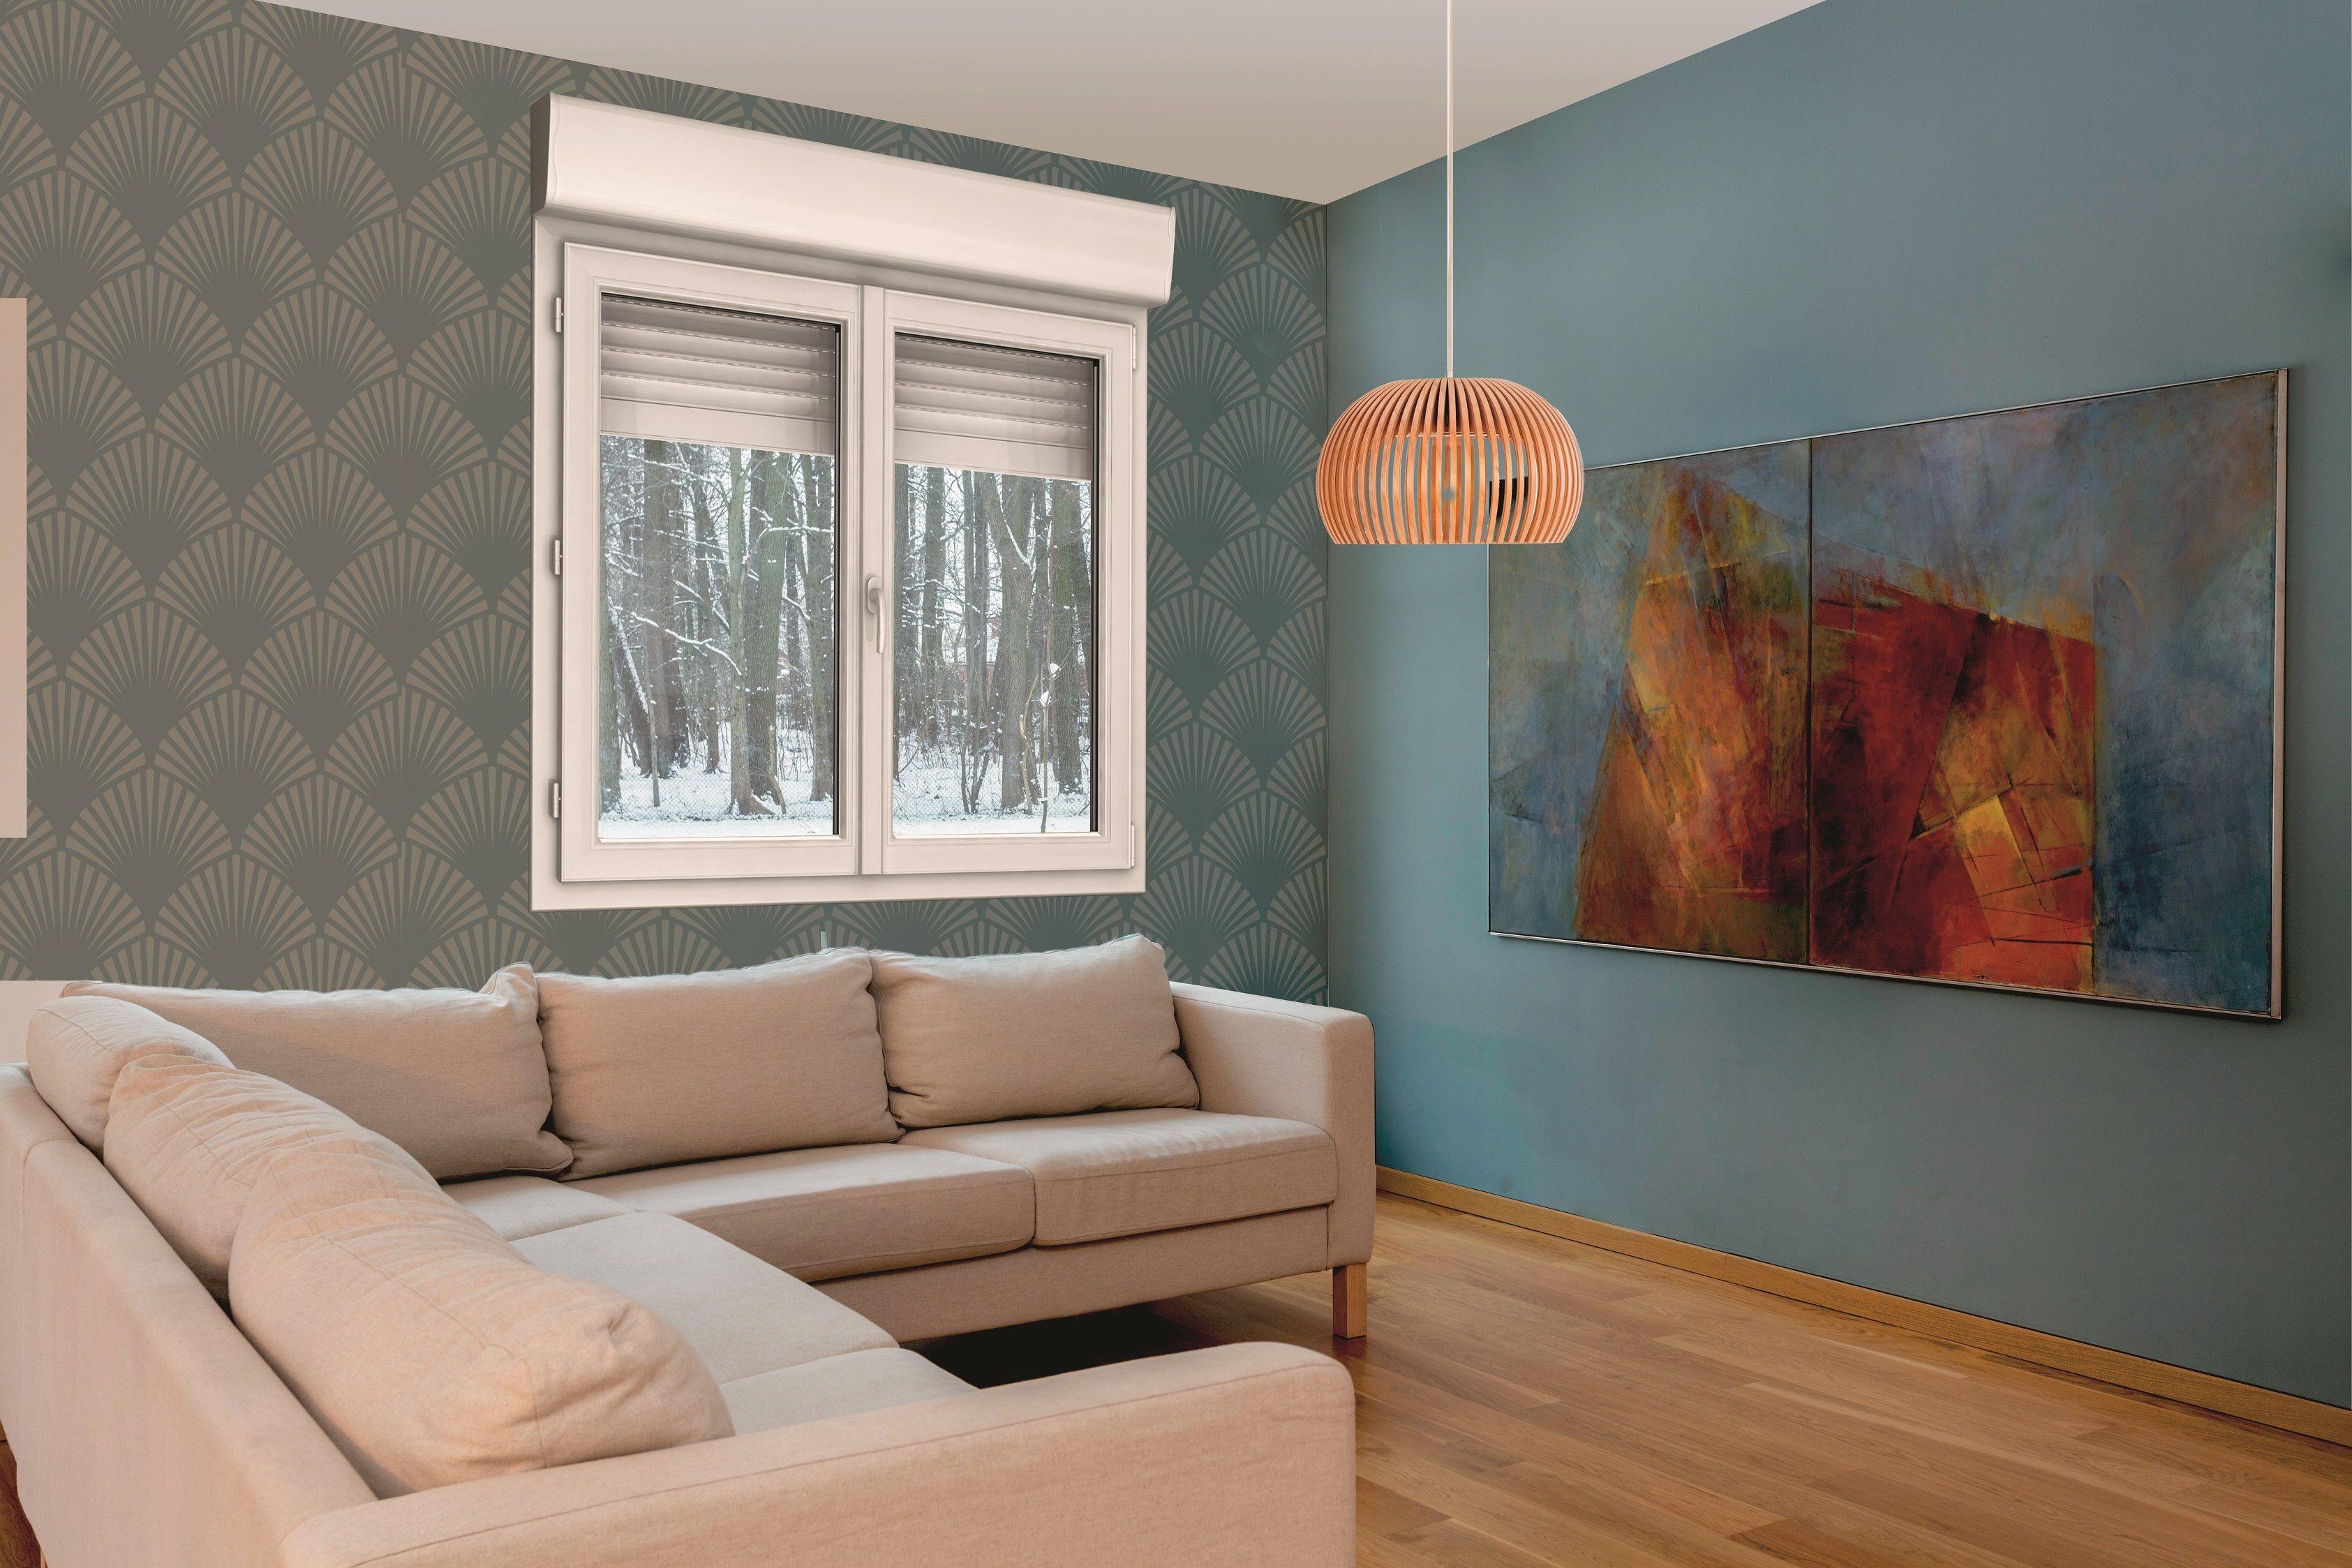 Optimisez Vos Installations Avec Une Fenetre Pvc A Volet Roulant